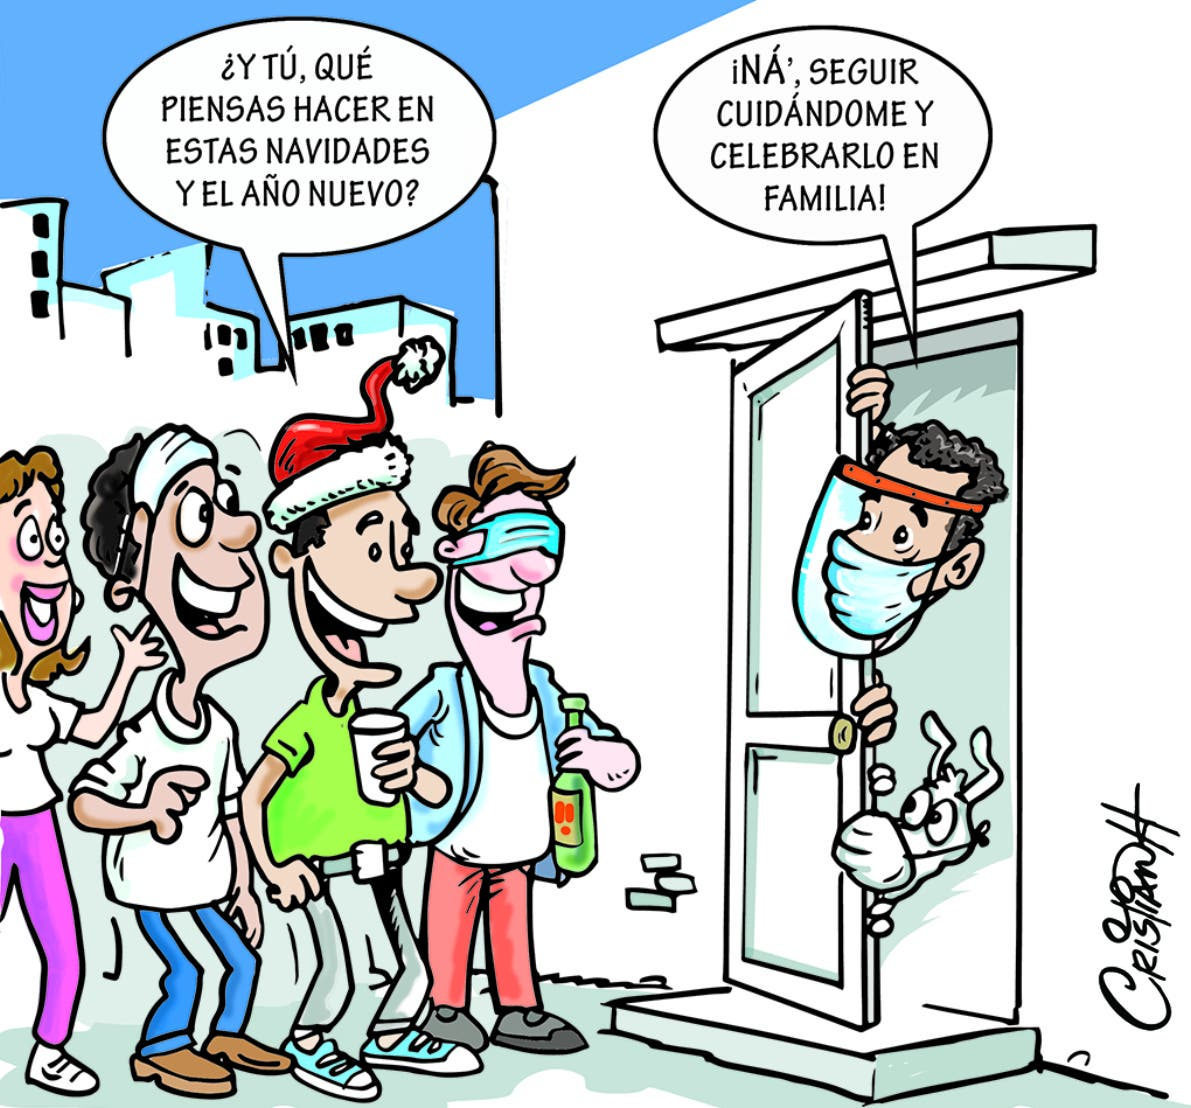 Caricatura Cristian Caricaturas – El Día, 21 de Diciembre, 2020